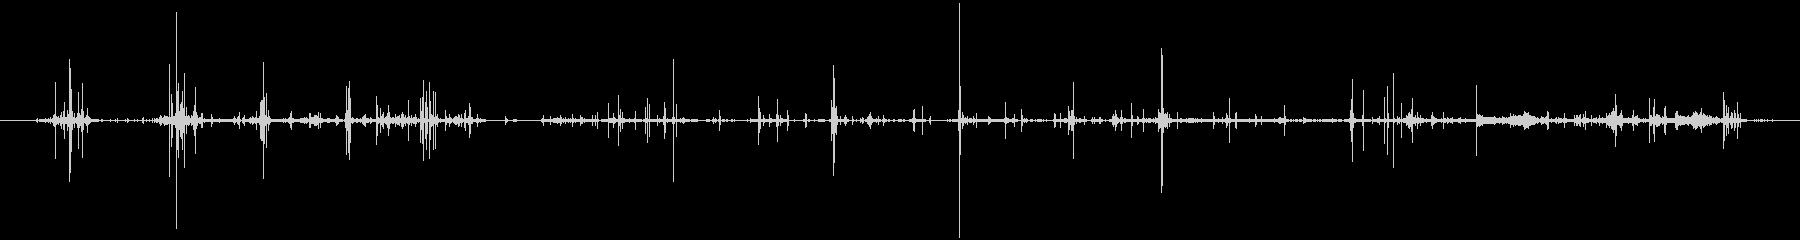 段ボールバンカーボックス:ファイル...の未再生の波形